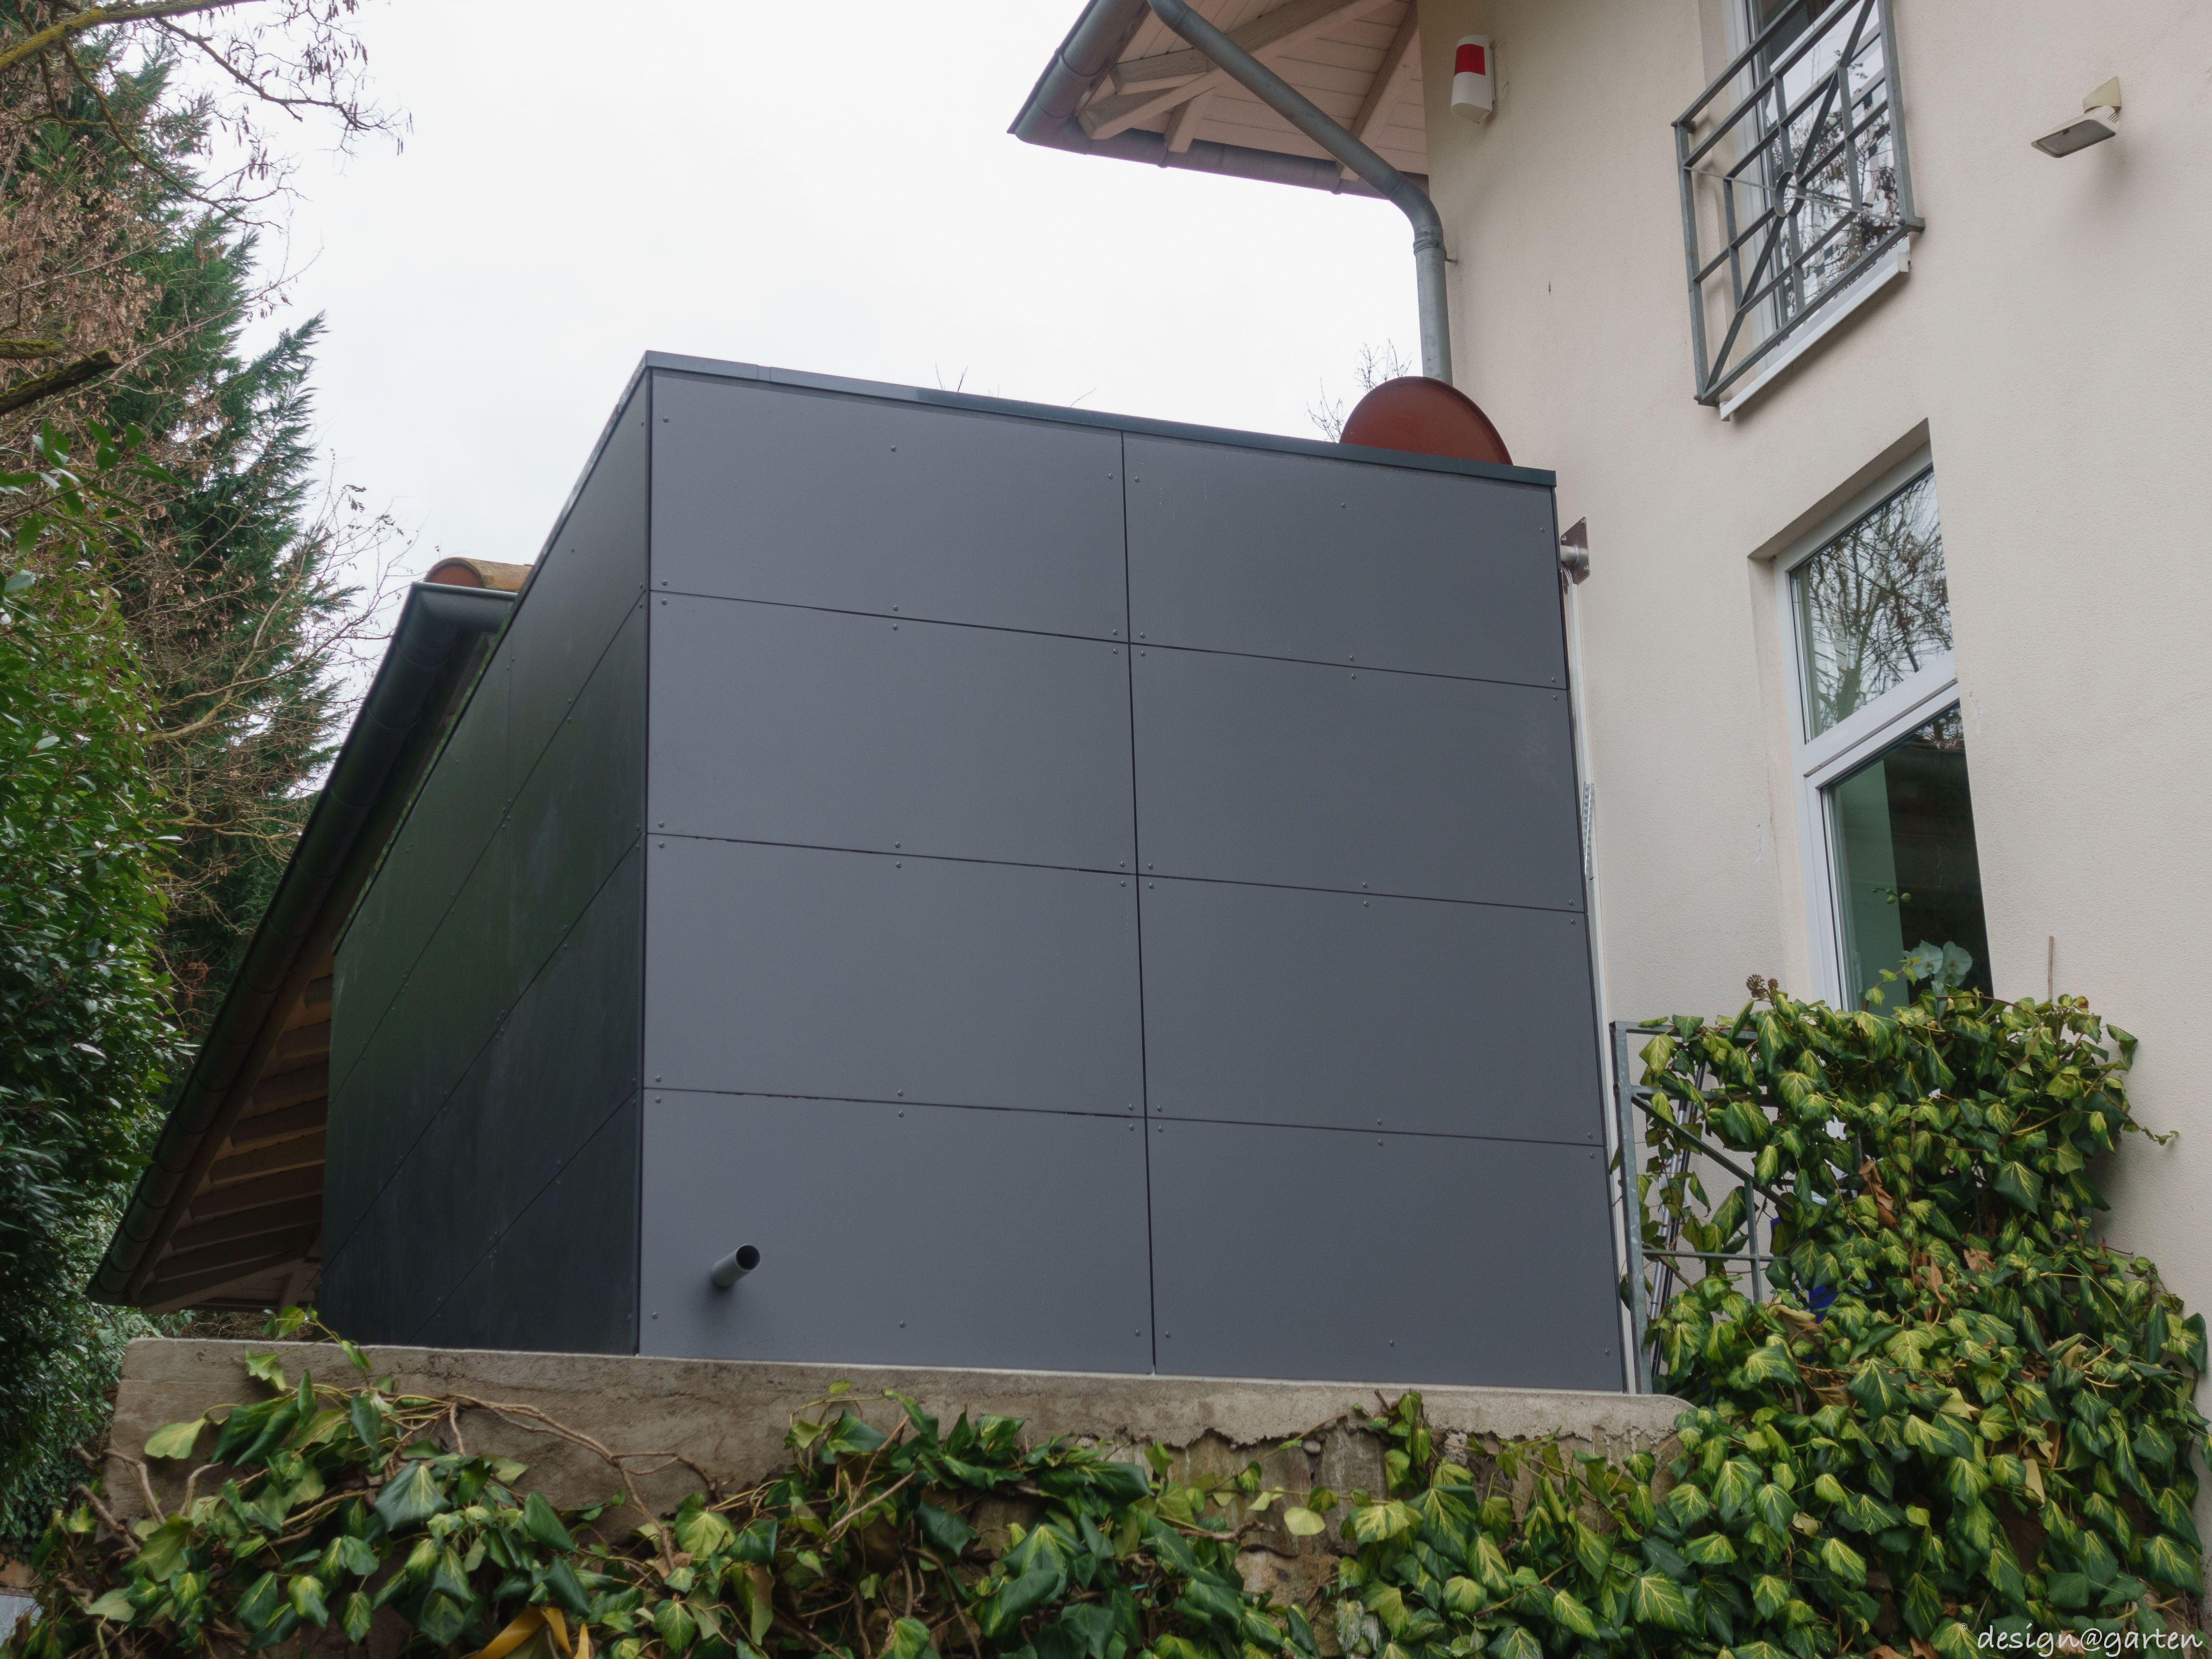 Design Gartenhaus Gart In Bad Kreuznach By Design Garten Augsburg Germany Uv Bestandig Niemals Streichen Gartenhaus Design Gartenhaus Gartenhaus Haus